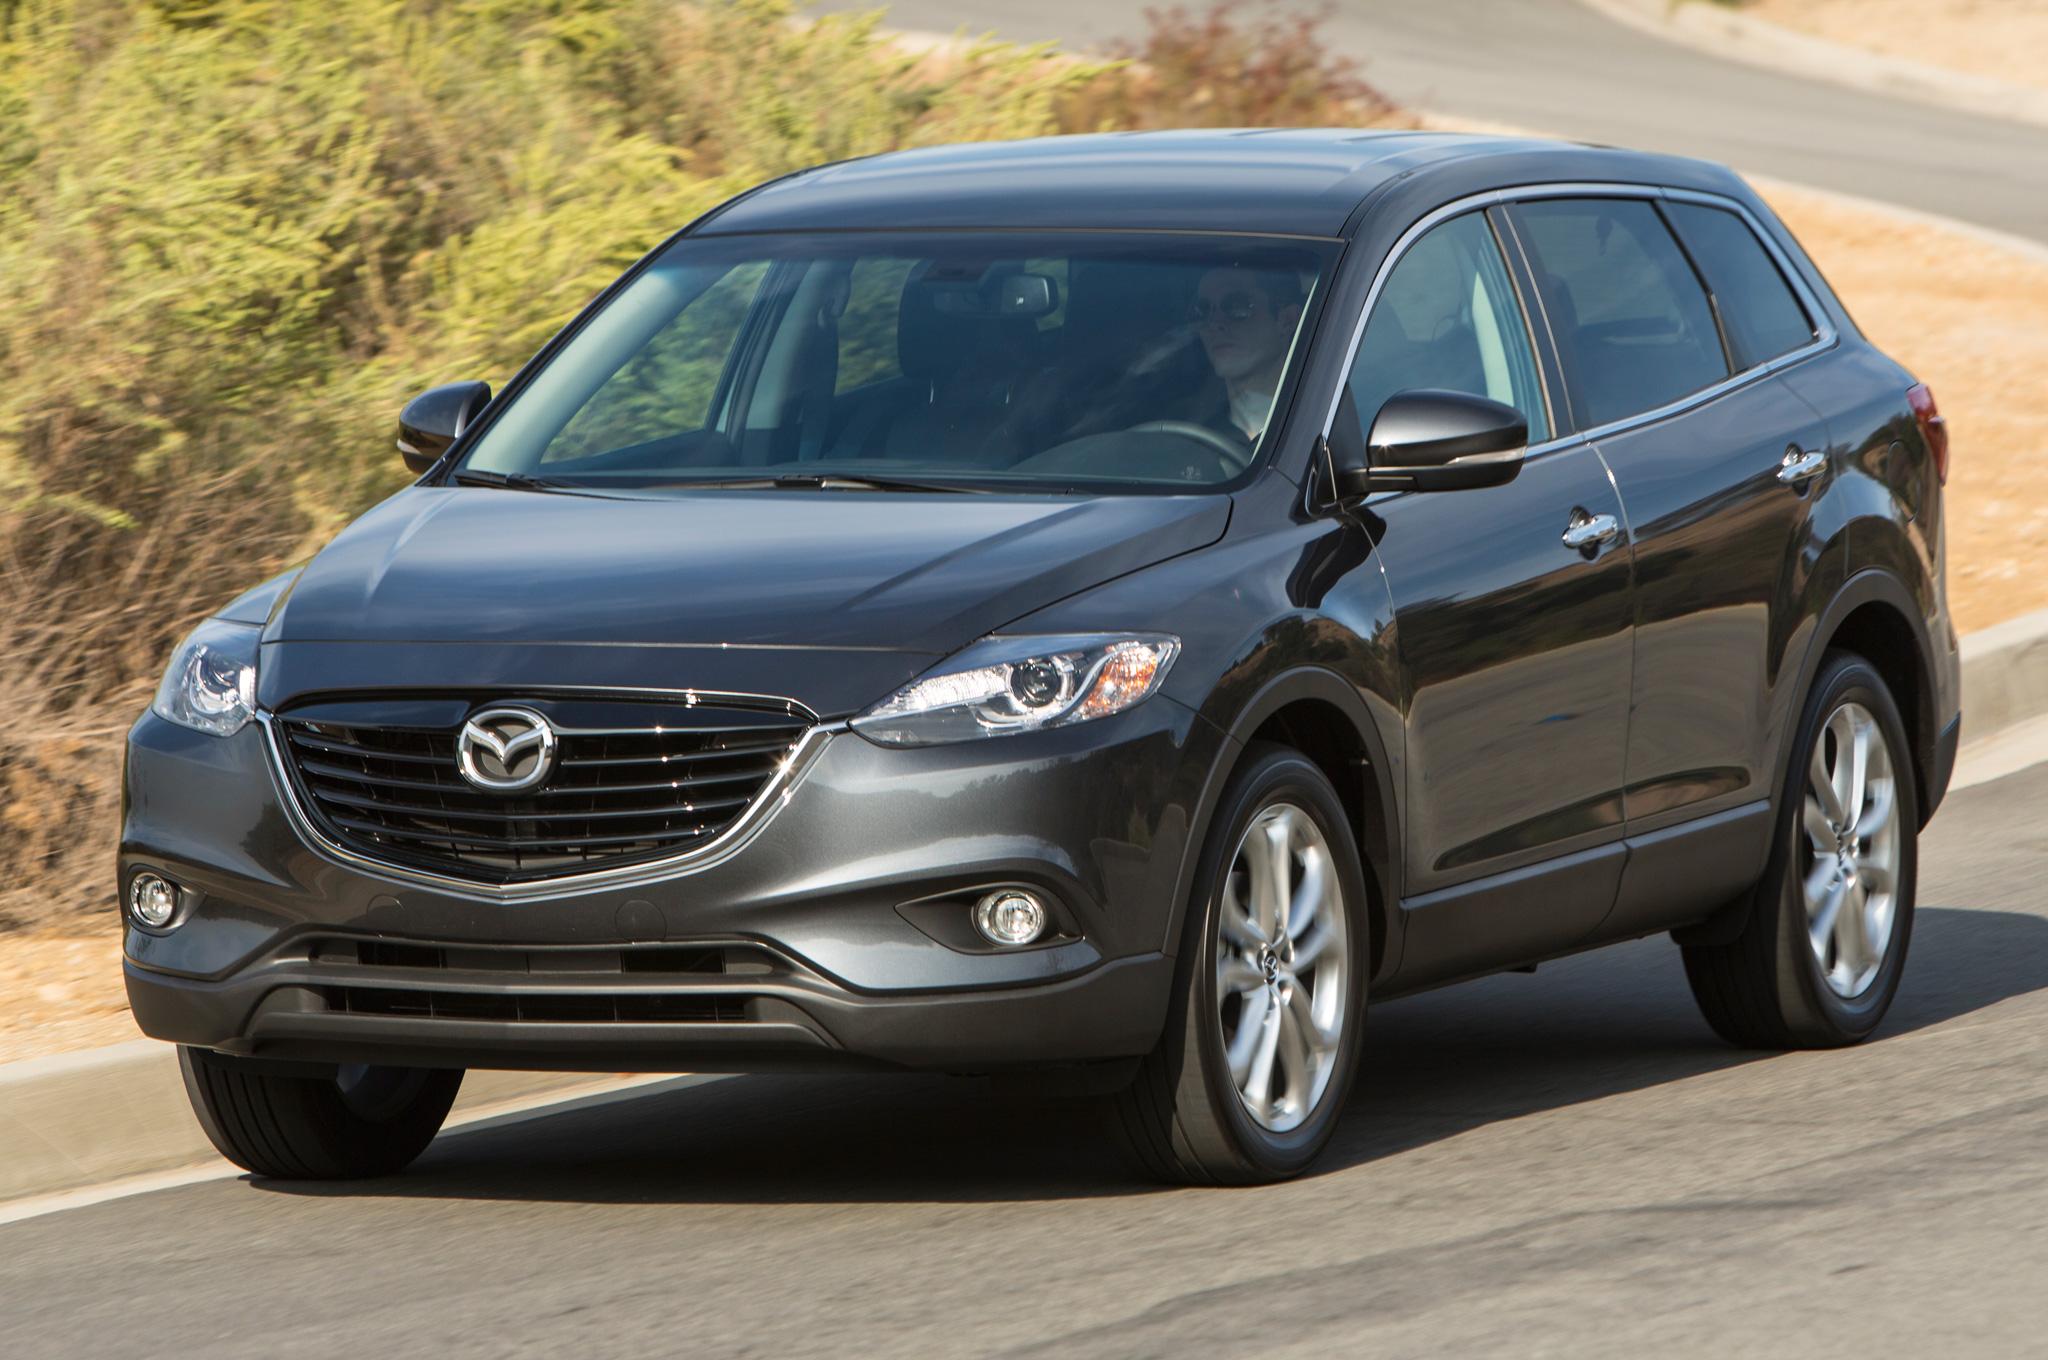 2014 Mazda Cx 9 Image 18